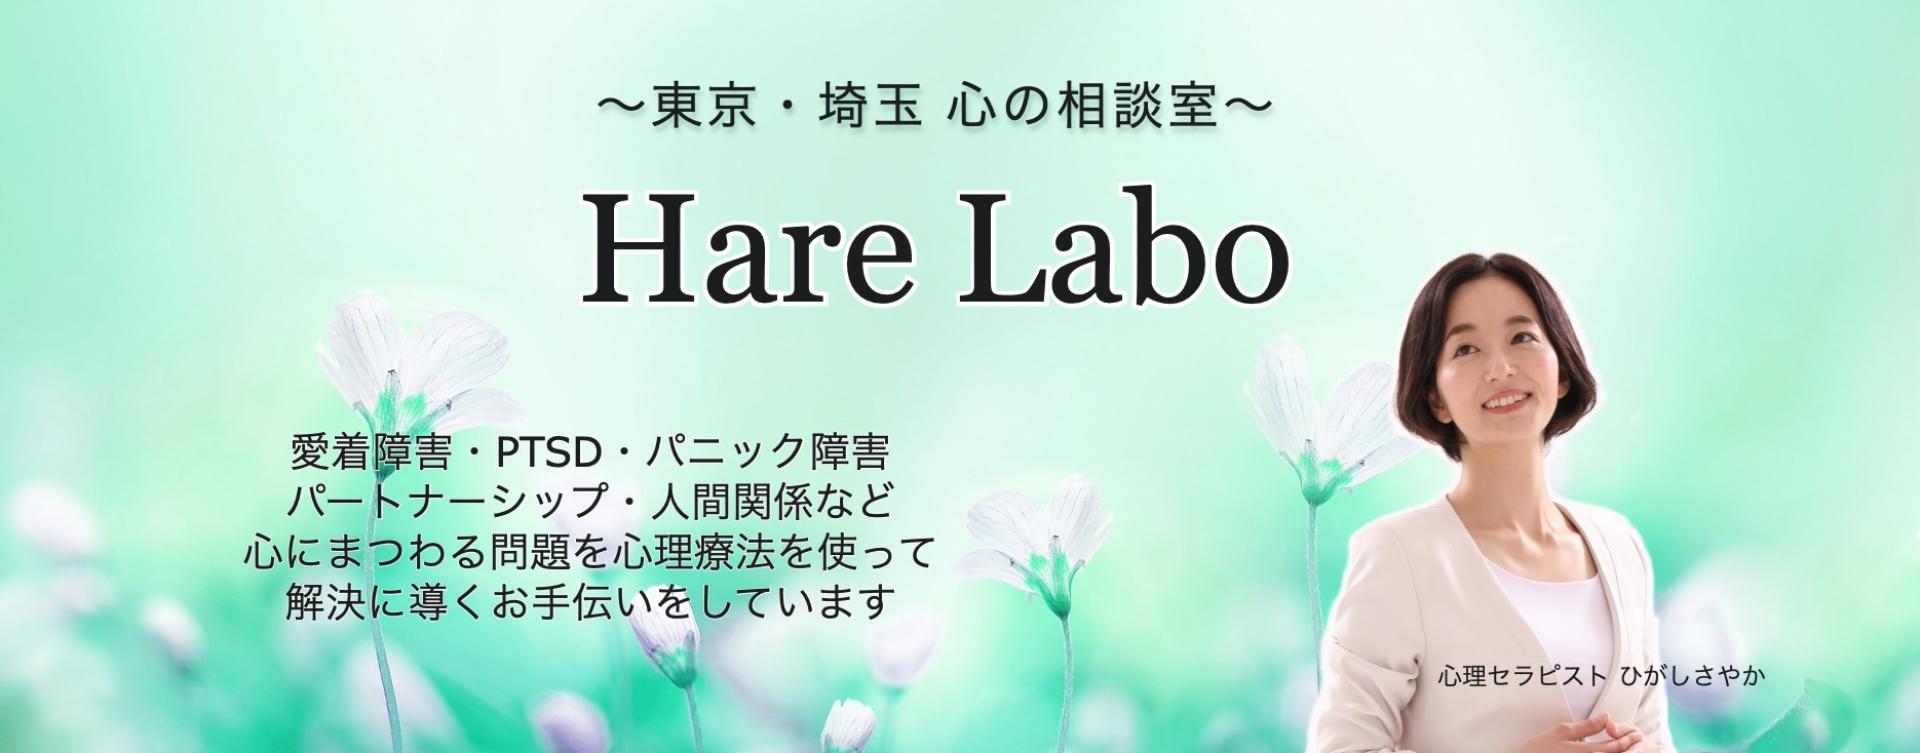 東京・埼玉 心の悩みを根本から解決する「Hare Labo」